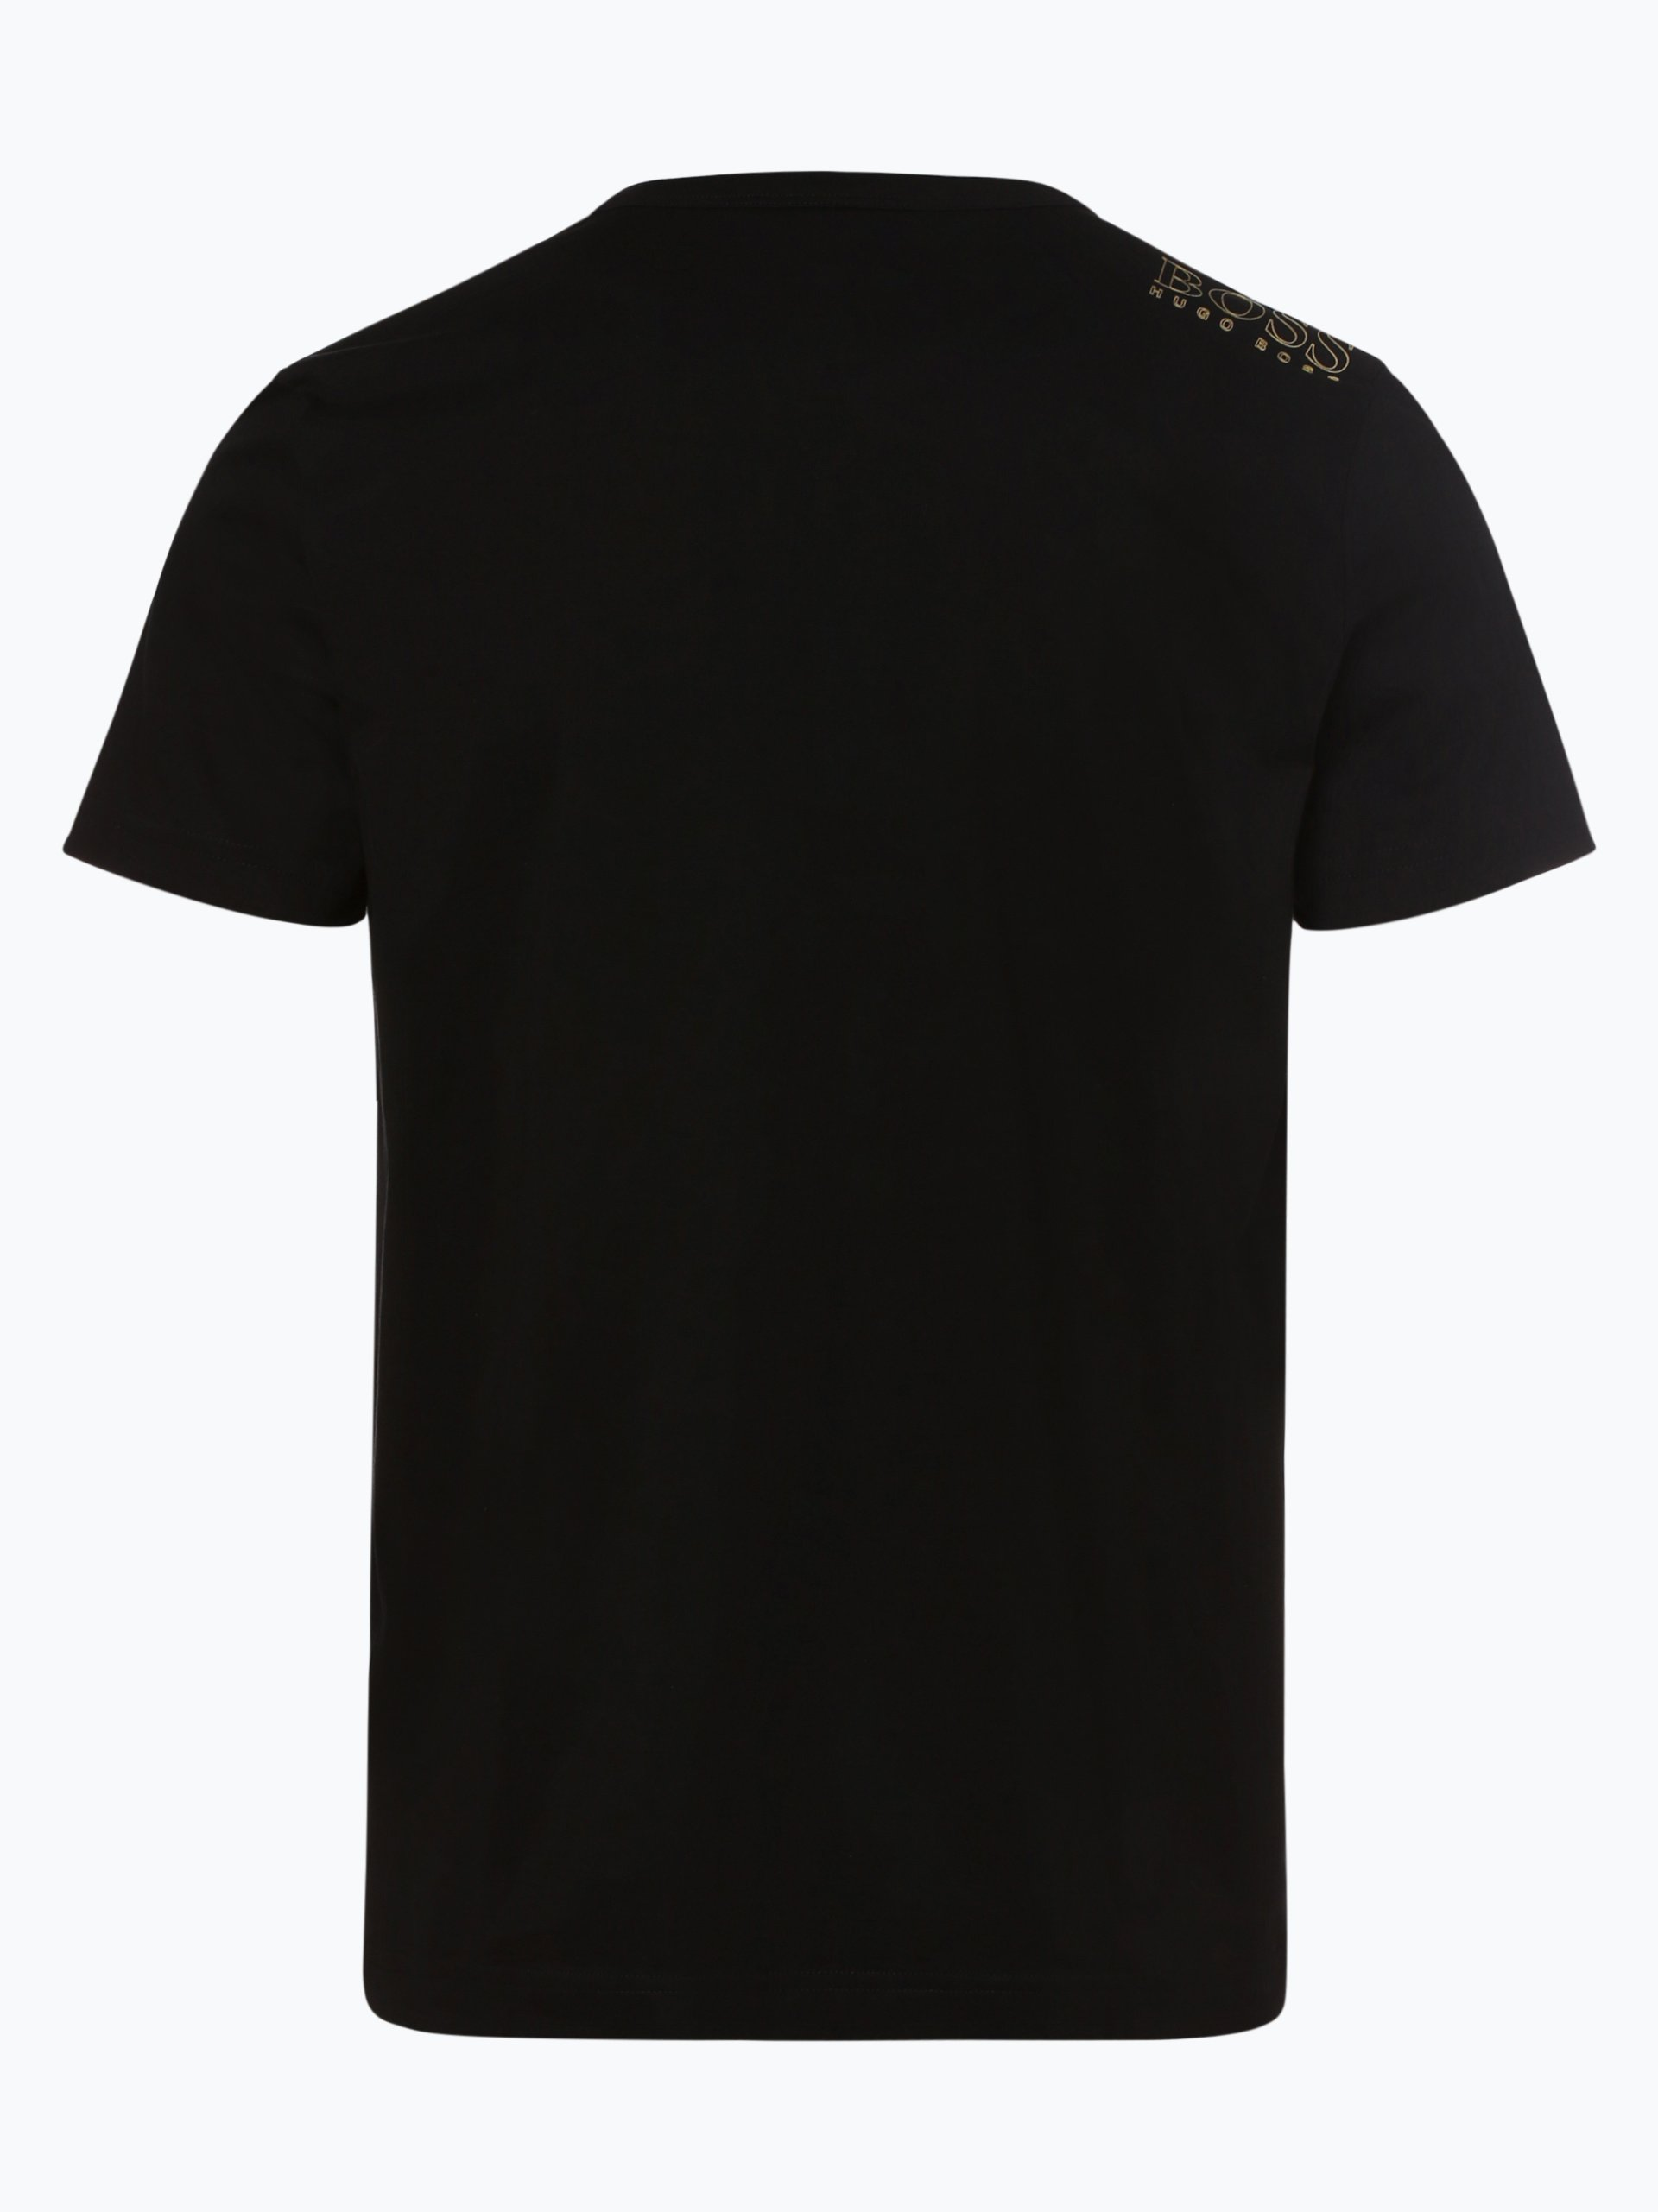 BOSS Athleisure T-shirt męski – Tee